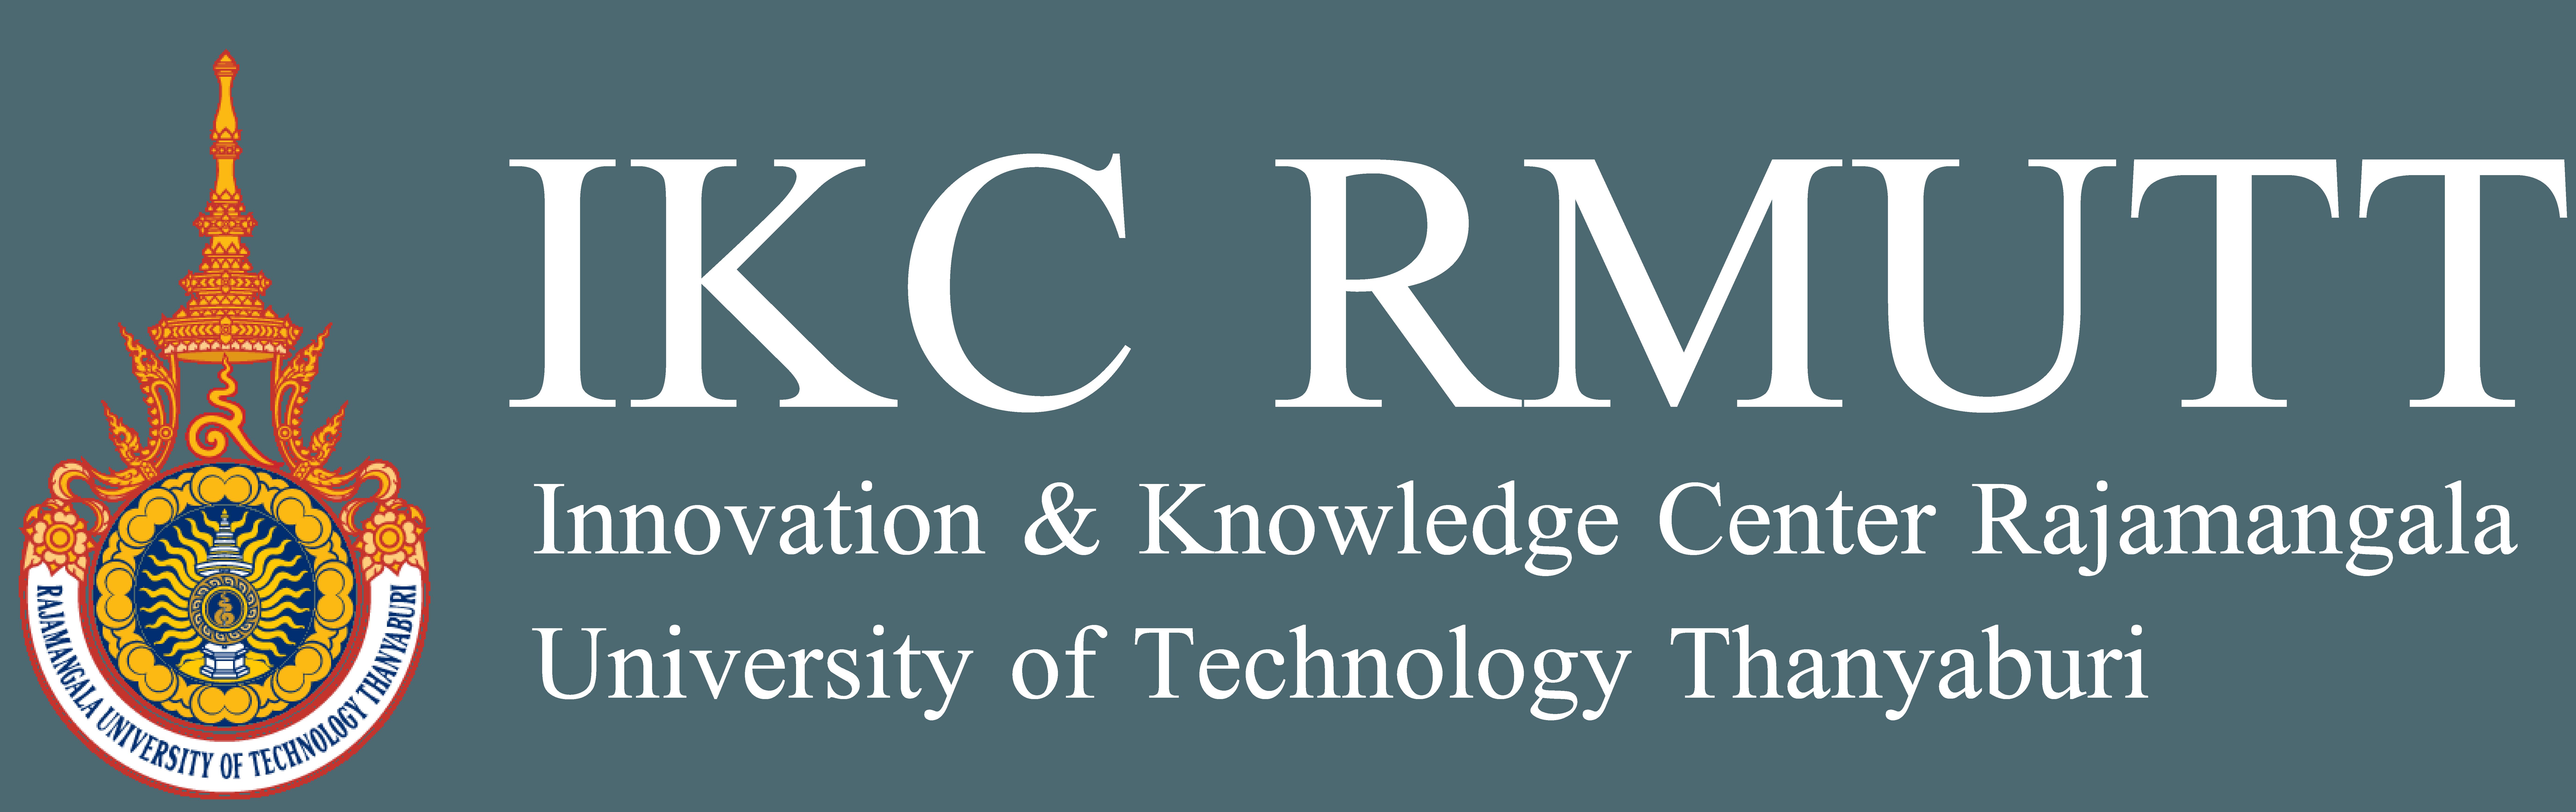 IKC RMUTT | ศูนย์นวัตกรรมและความรู้